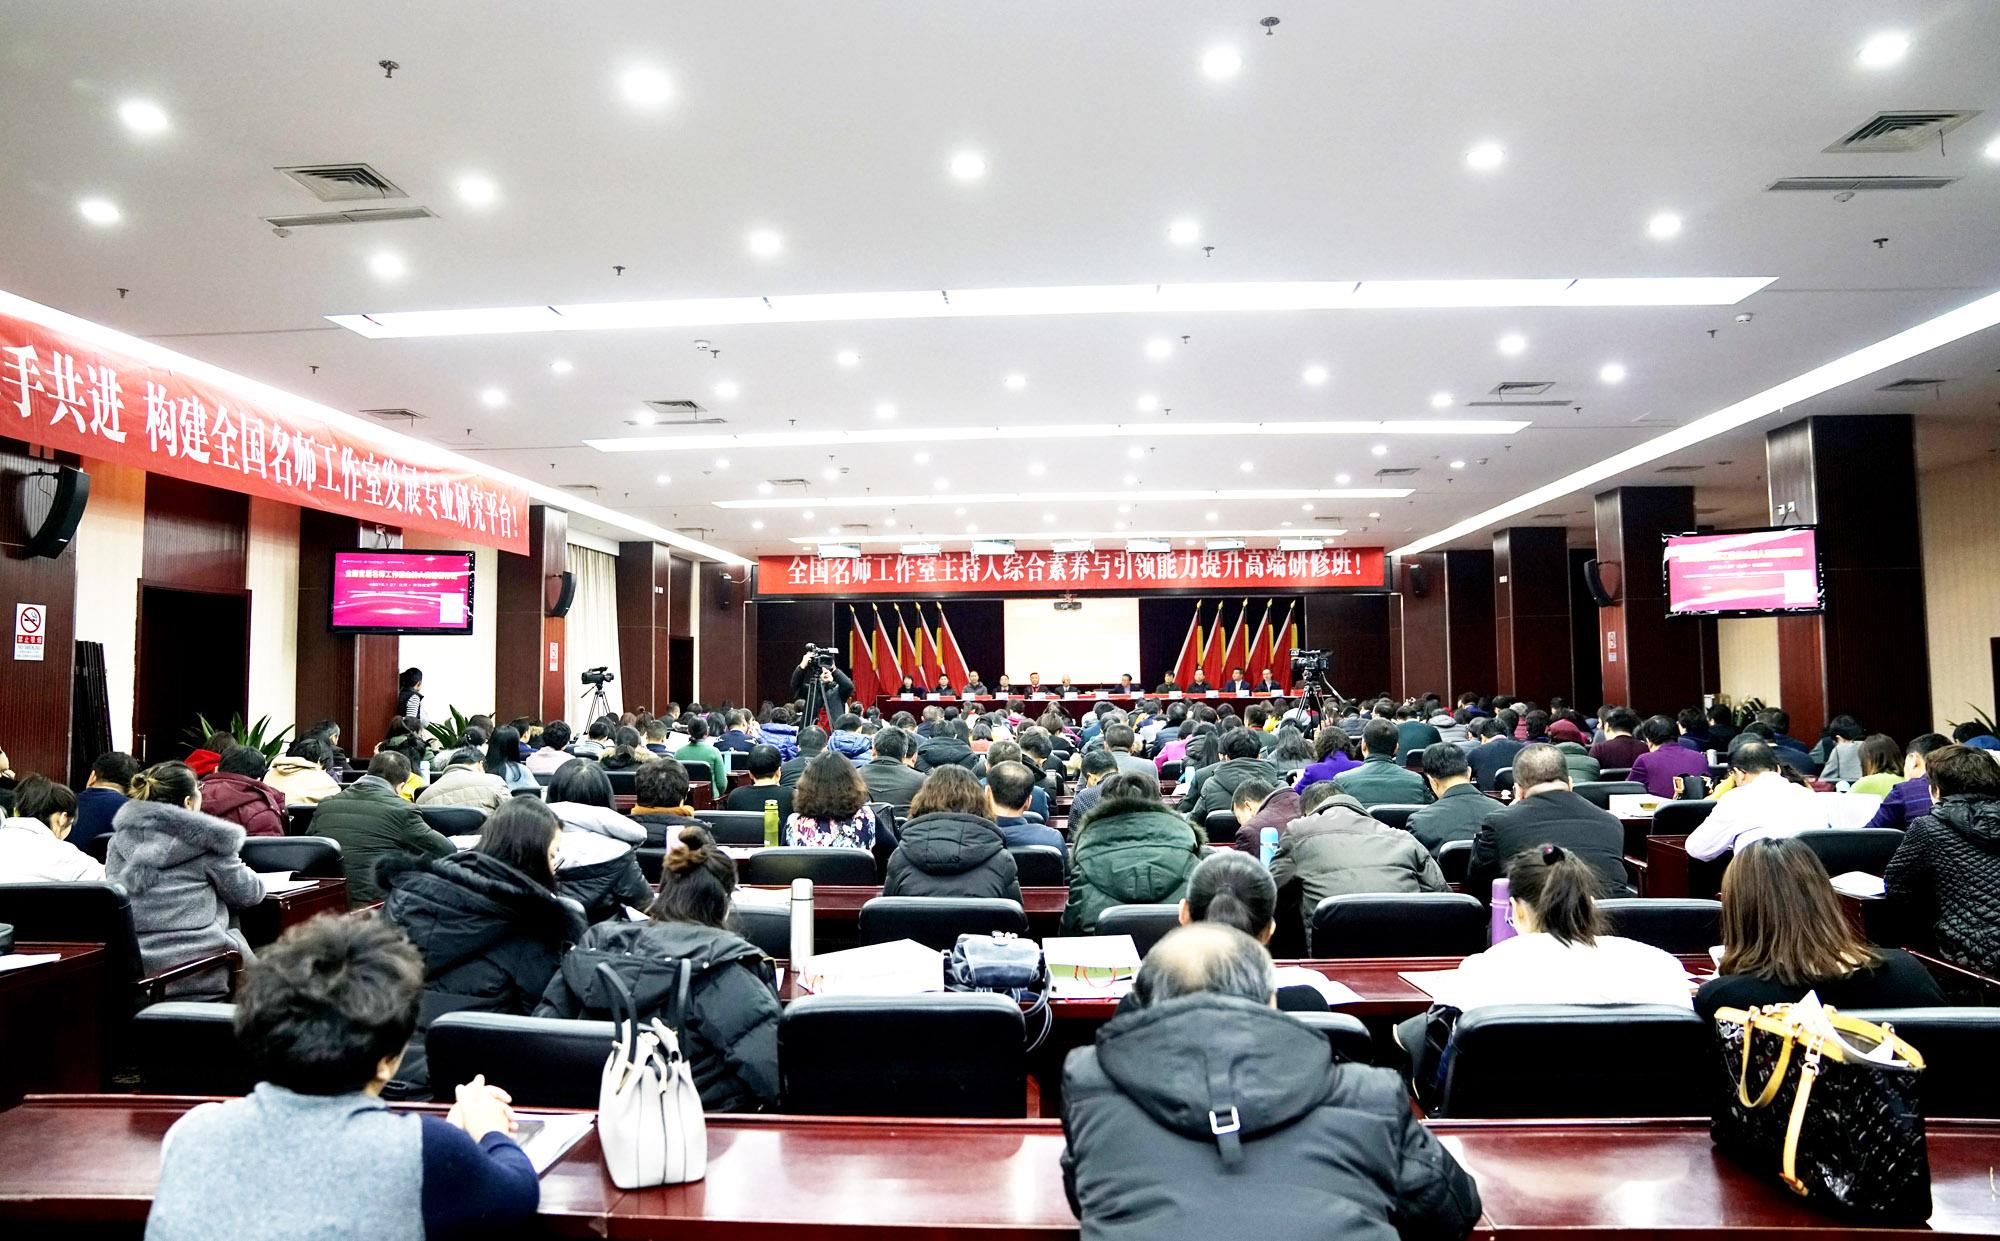 全国名师工作室主持人高端研修班同步进行,全国各地300余位优秀名师工作室支持人齐聚北京,相互交流、借鉴、取长补短,借助全国名师工作室联盟研究平台,助推名师工作室健康专业发展。